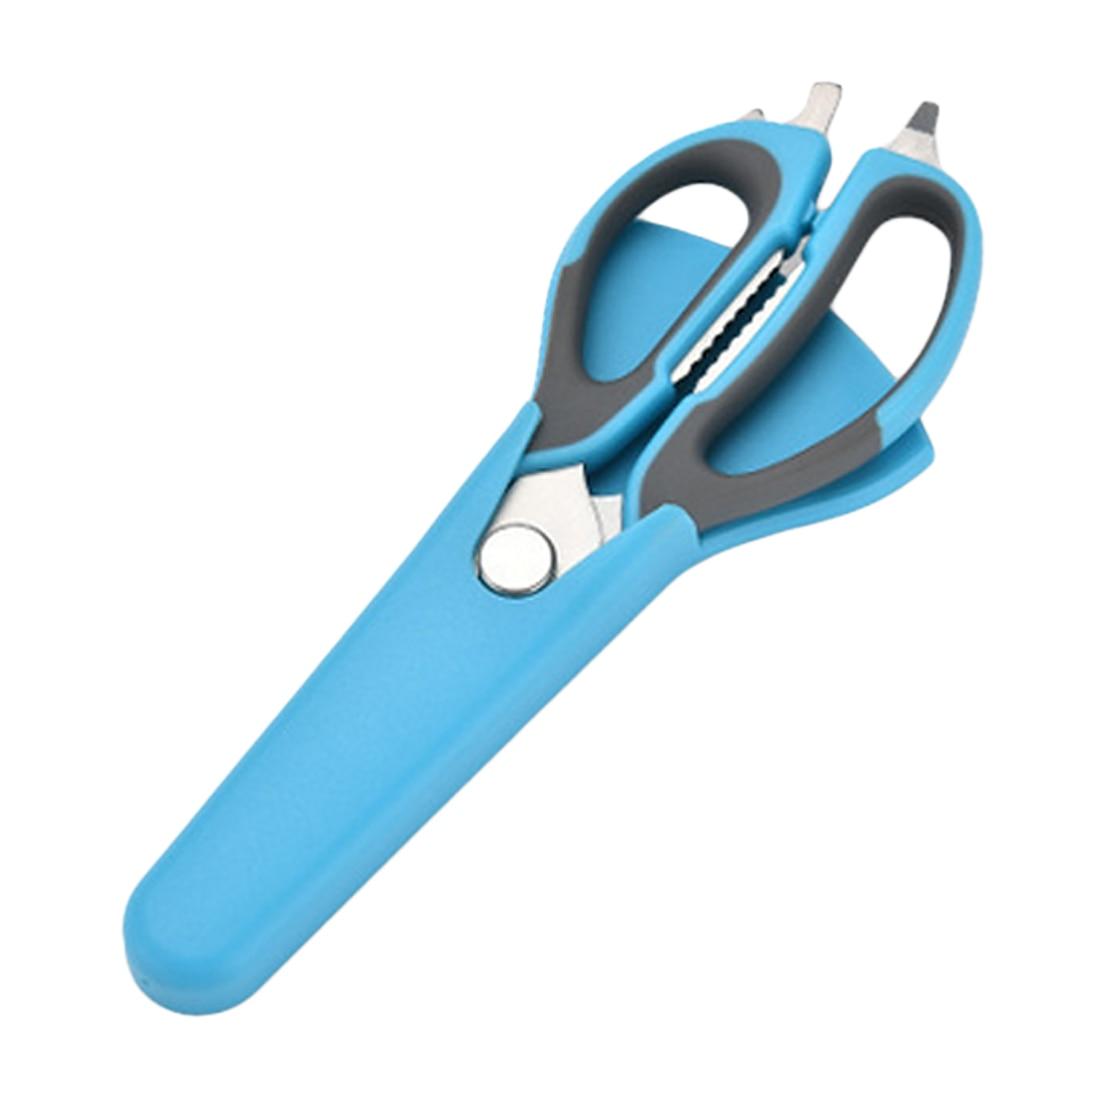 2 в 1 многофункциональная Кухня инструменты Нержавеющая сталь Heavy Duty Кухня ножницы с магнитным держателем куриные ножницы для костей - Цвет: Blue Gray